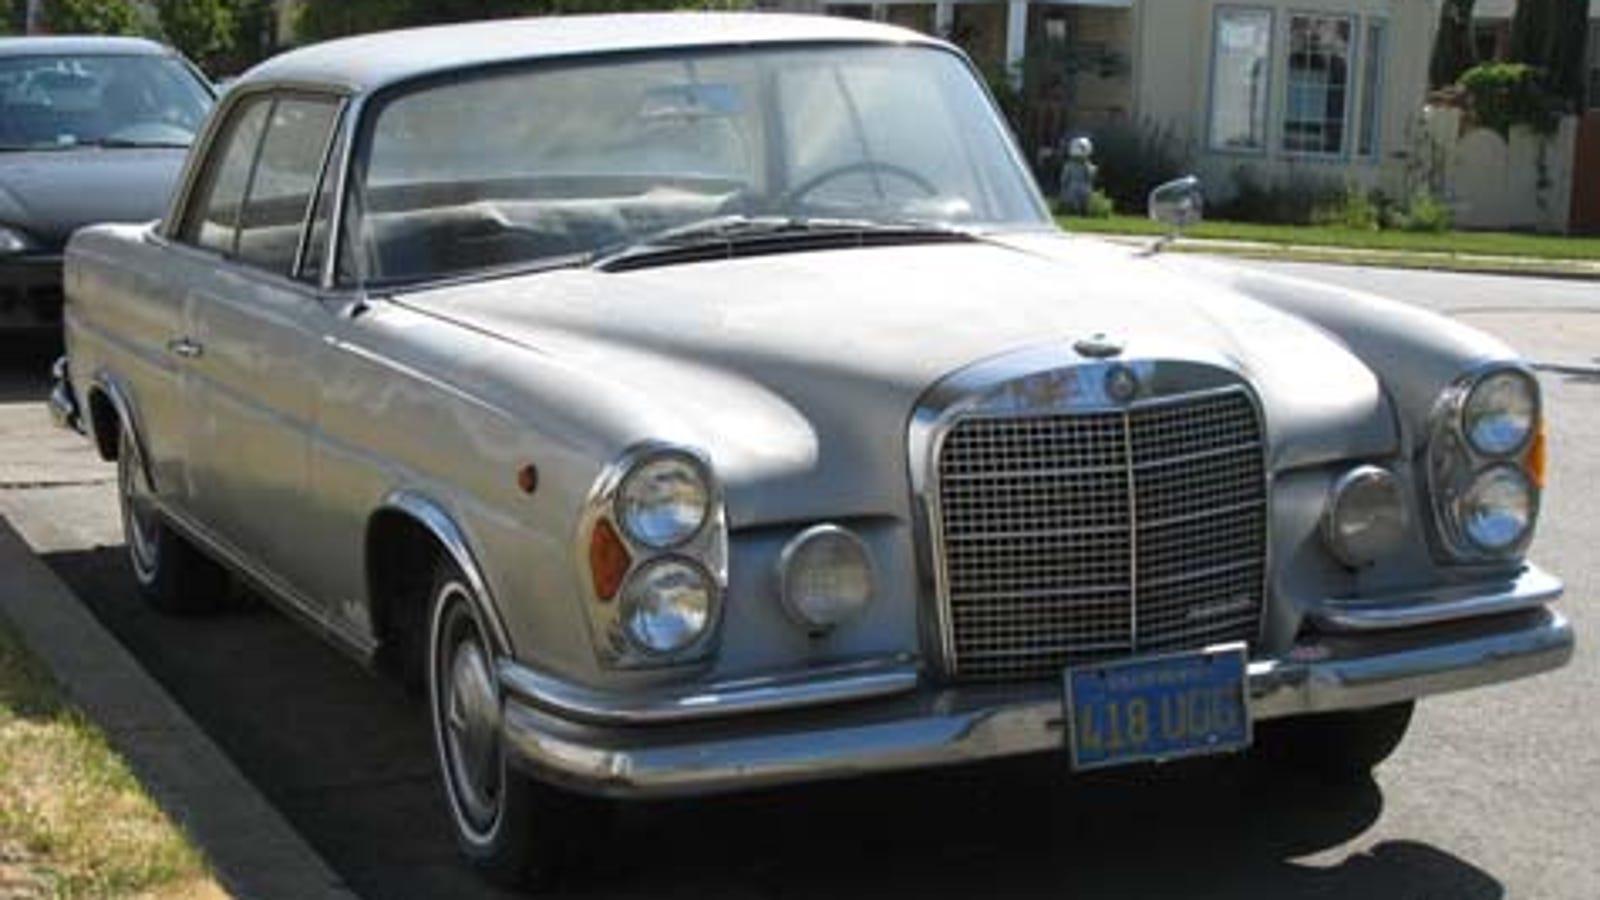 1965 Mercedes Benz 220se Coupe W108 Engine Parts Diagram